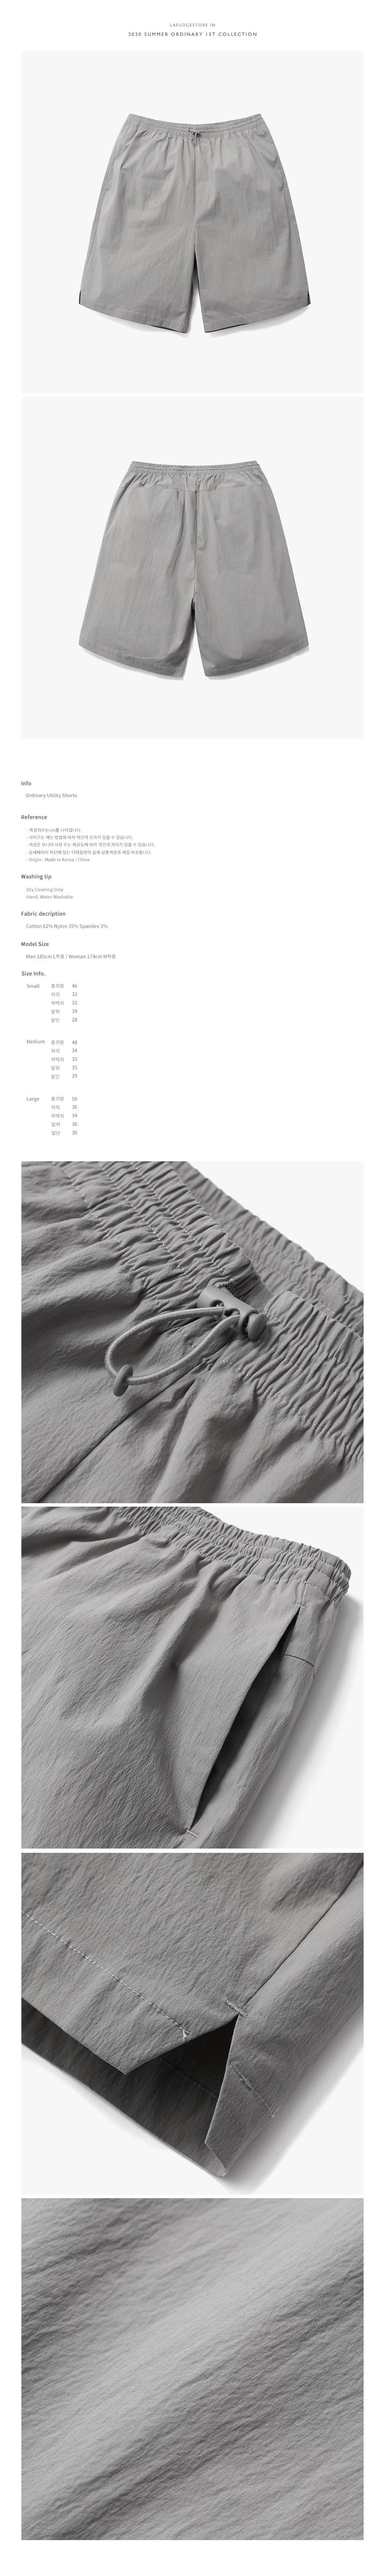 라퍼지스토어(LAFUDGESTORE) [썸머 ver.] 오디너리 유틸리티 쇼츠 _Neutral Gray